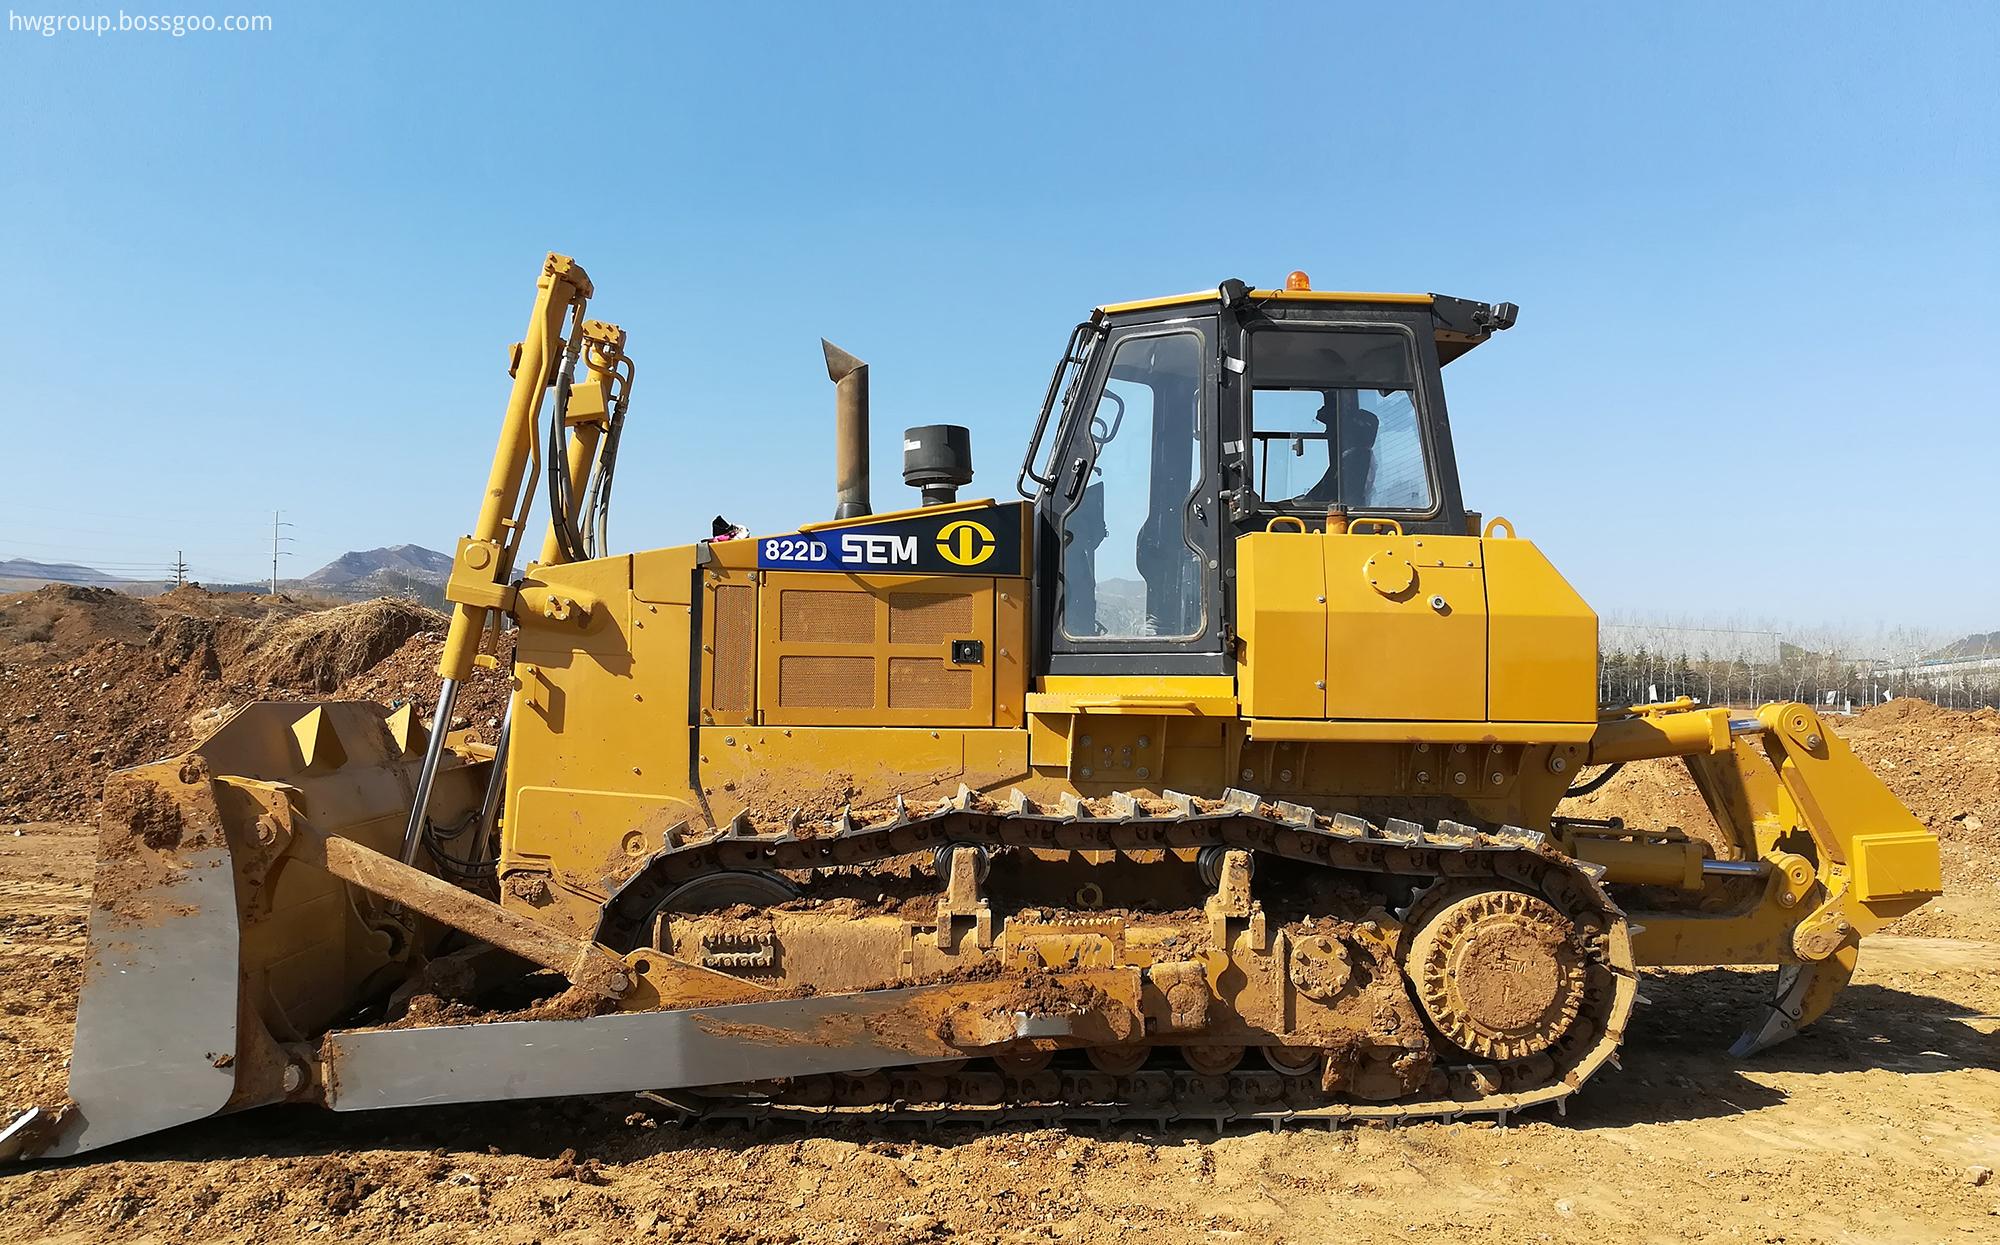 SEM822D bulldozer